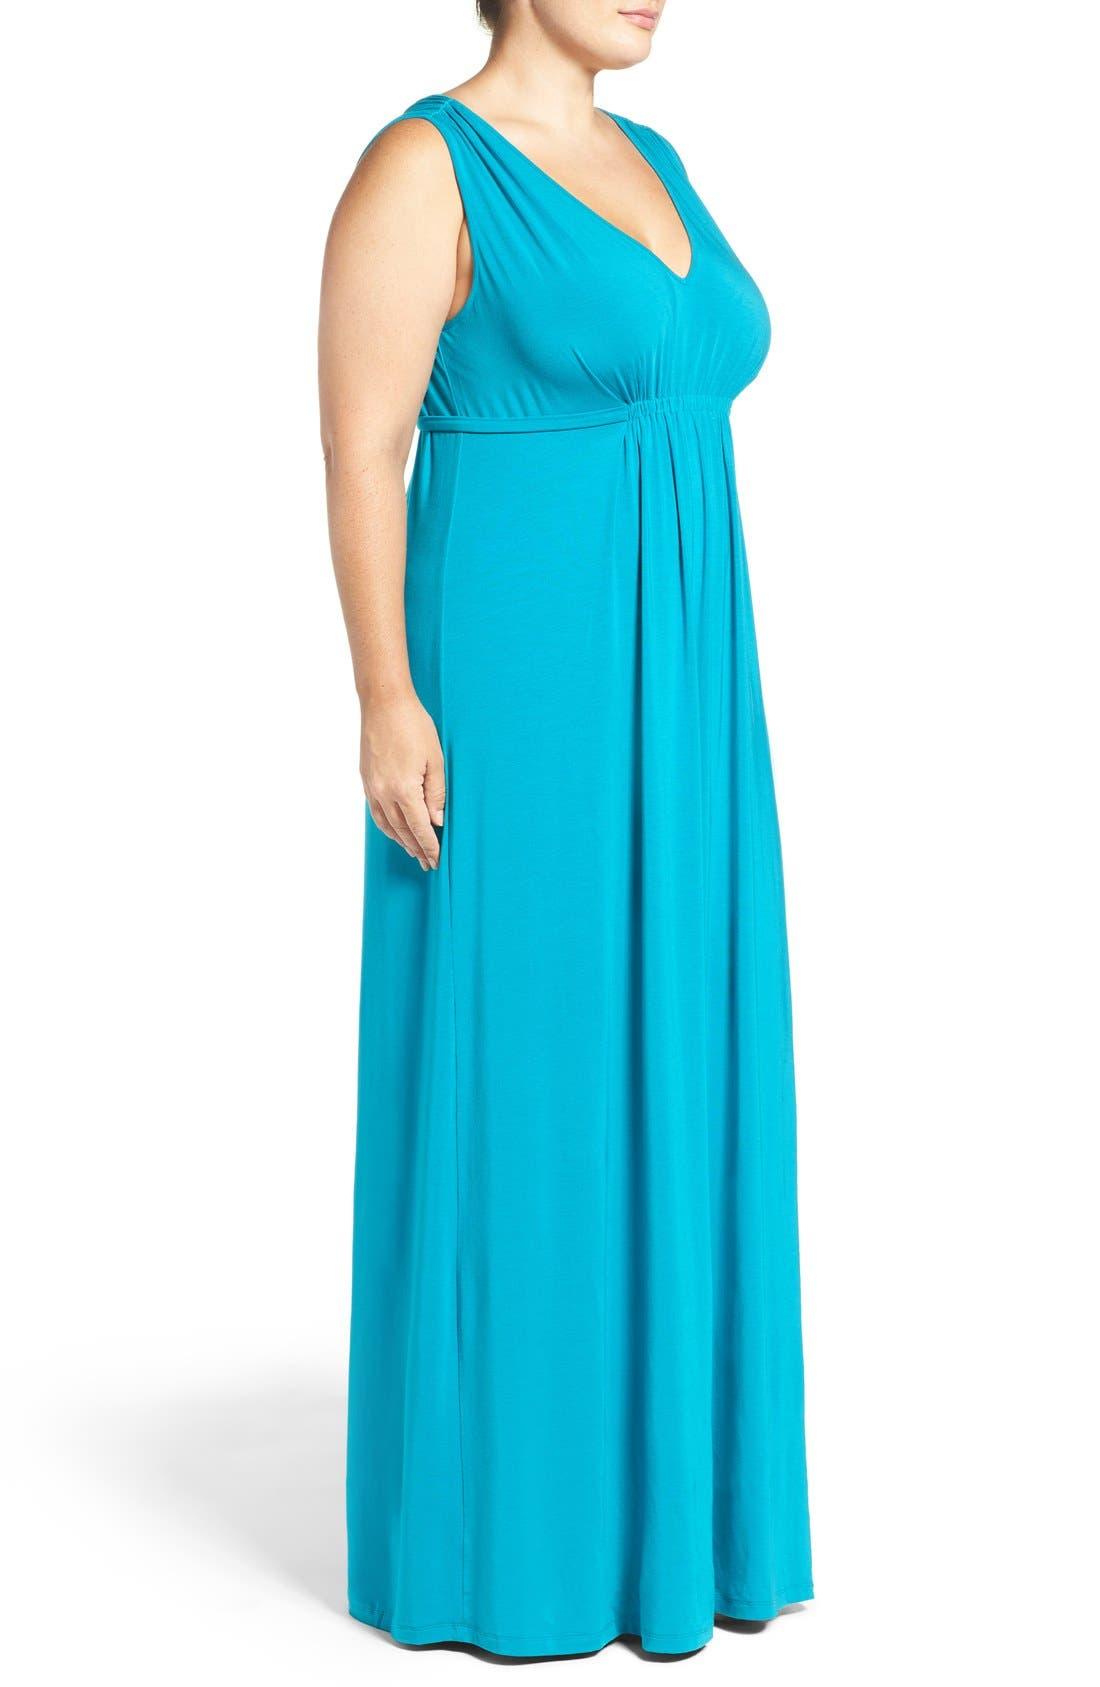 Grecia Sleeveless Jersey Maxi Dress,                             Alternate thumbnail 26, color,